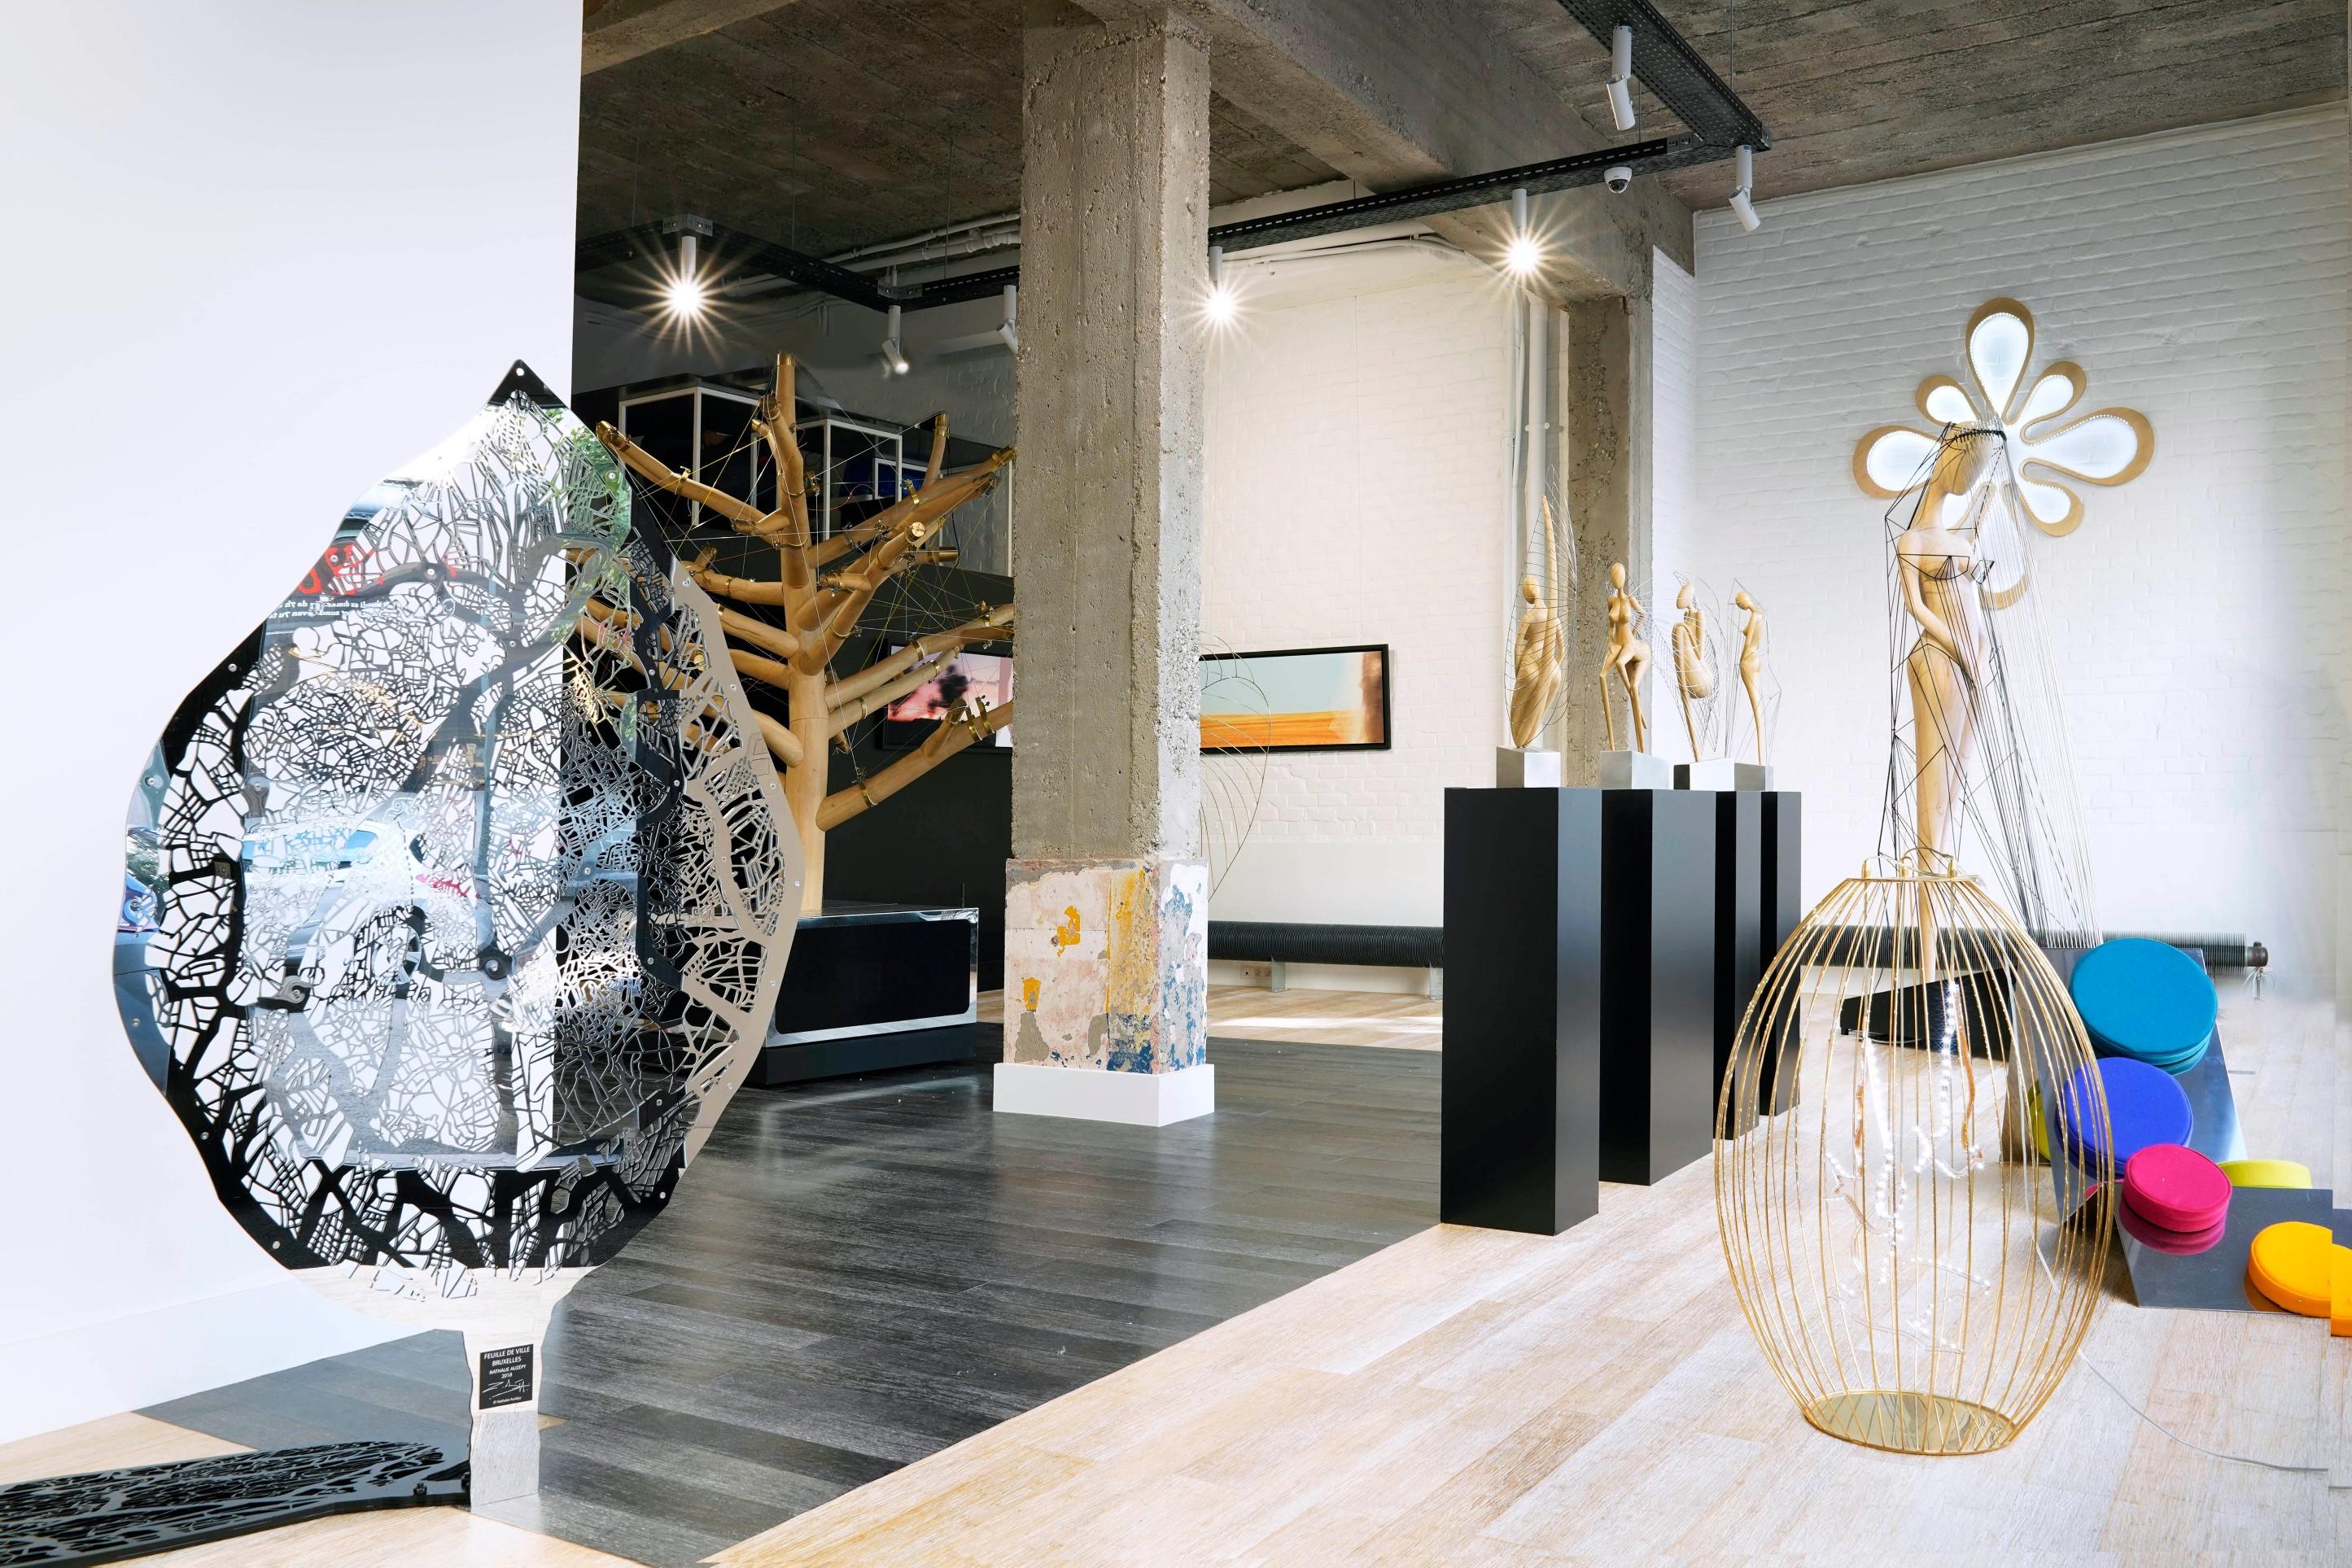 Bruxelles : l'artiste française Nathalie Auzepy s'empare de la capitale - 1